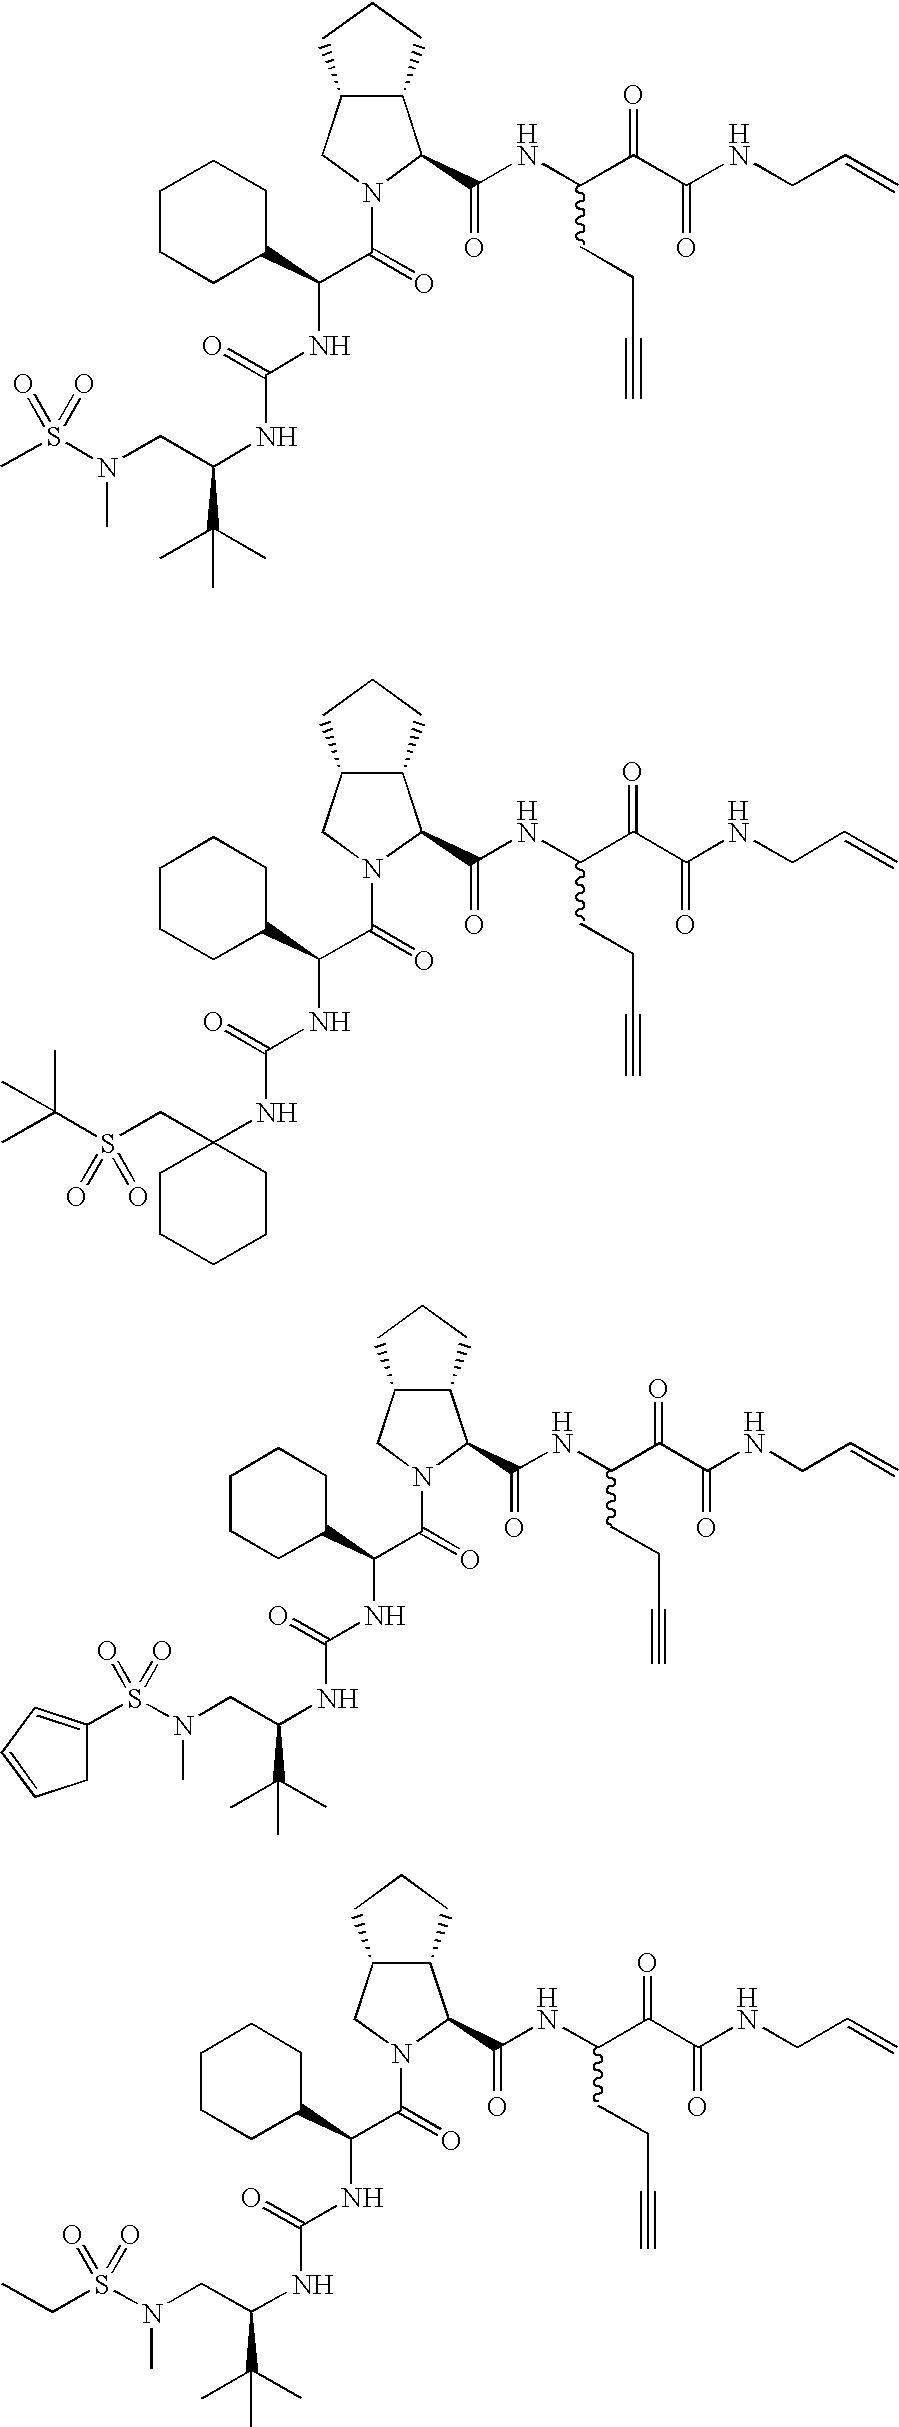 Figure US20060287248A1-20061221-C00543